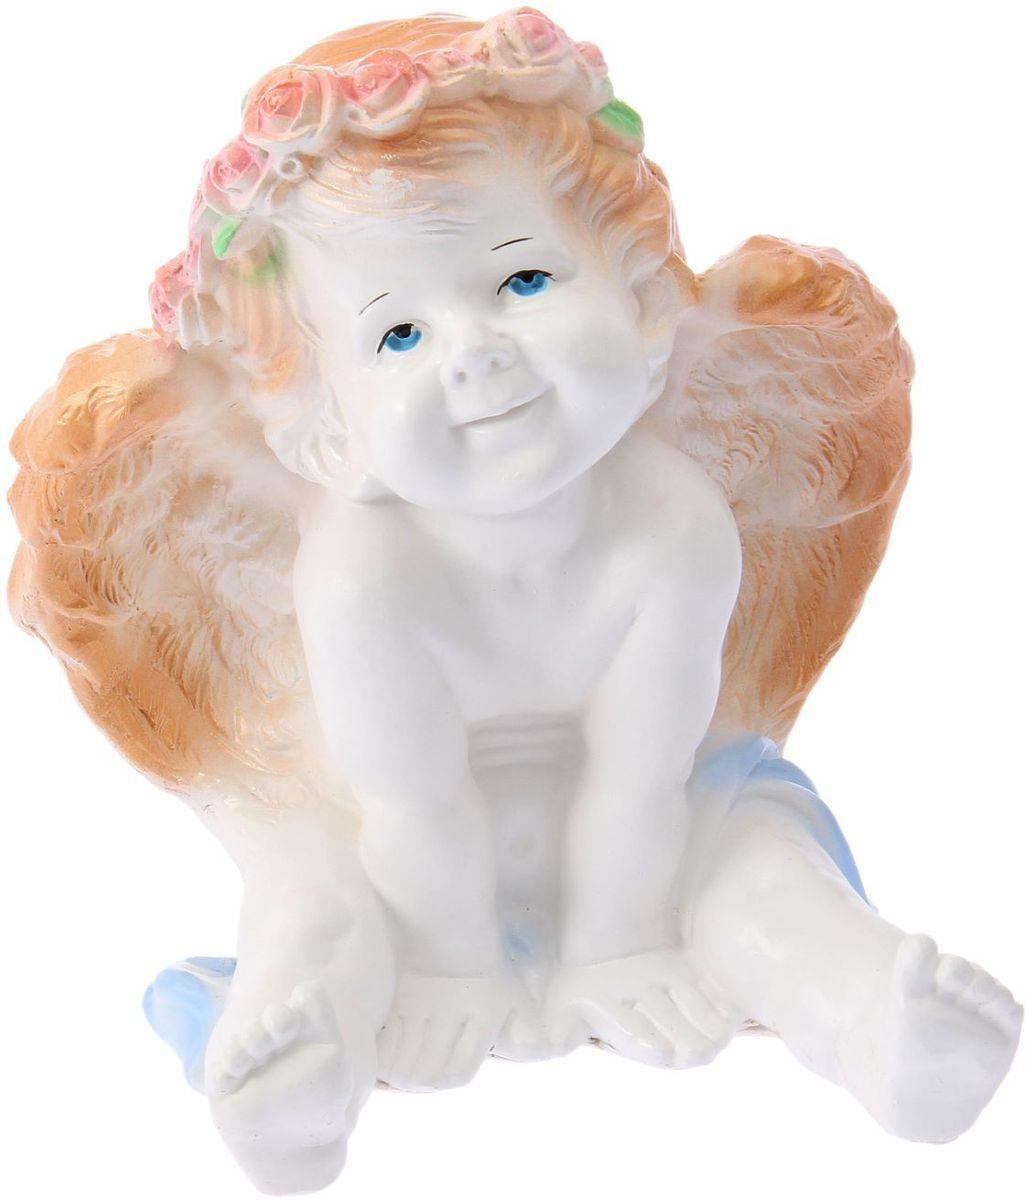 Фигура садовая Noname Ангел карапуз сидя, цвет: белый, золотистый, 20 х 20 х 25 см531-105Фигура садовая Noname Ангел карапуз сидя - этот сувенир выполнен из качественного гипса. Фигура будет хранить воспоминание о месте, где вы побывали, или о том человеке, который подарил данный предмет.